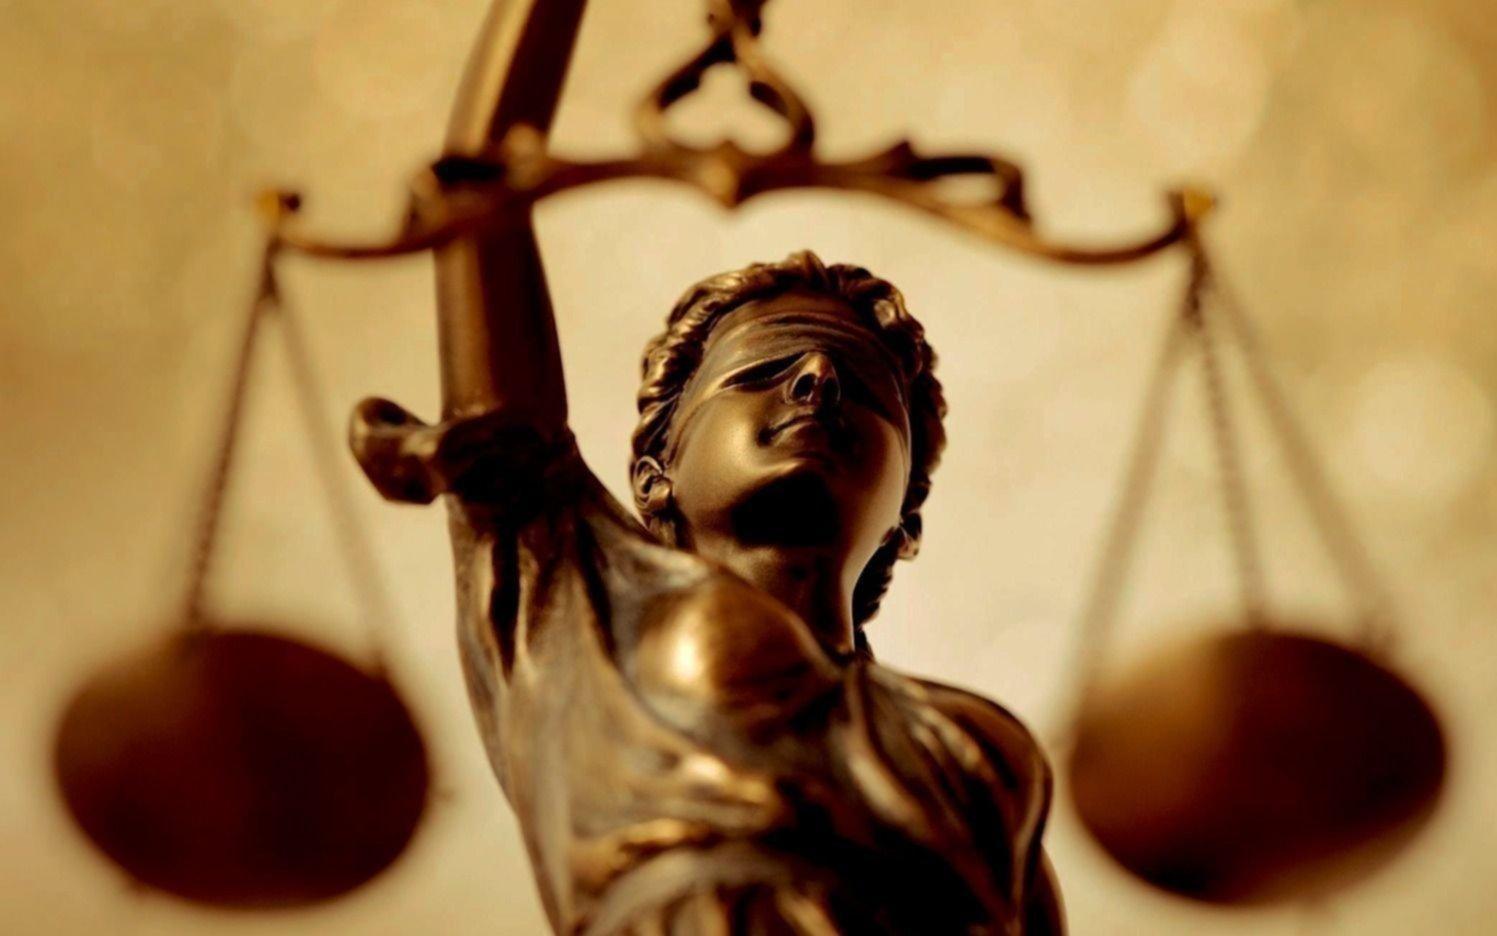 La independencia judicial como garantía básica del sistema democrático